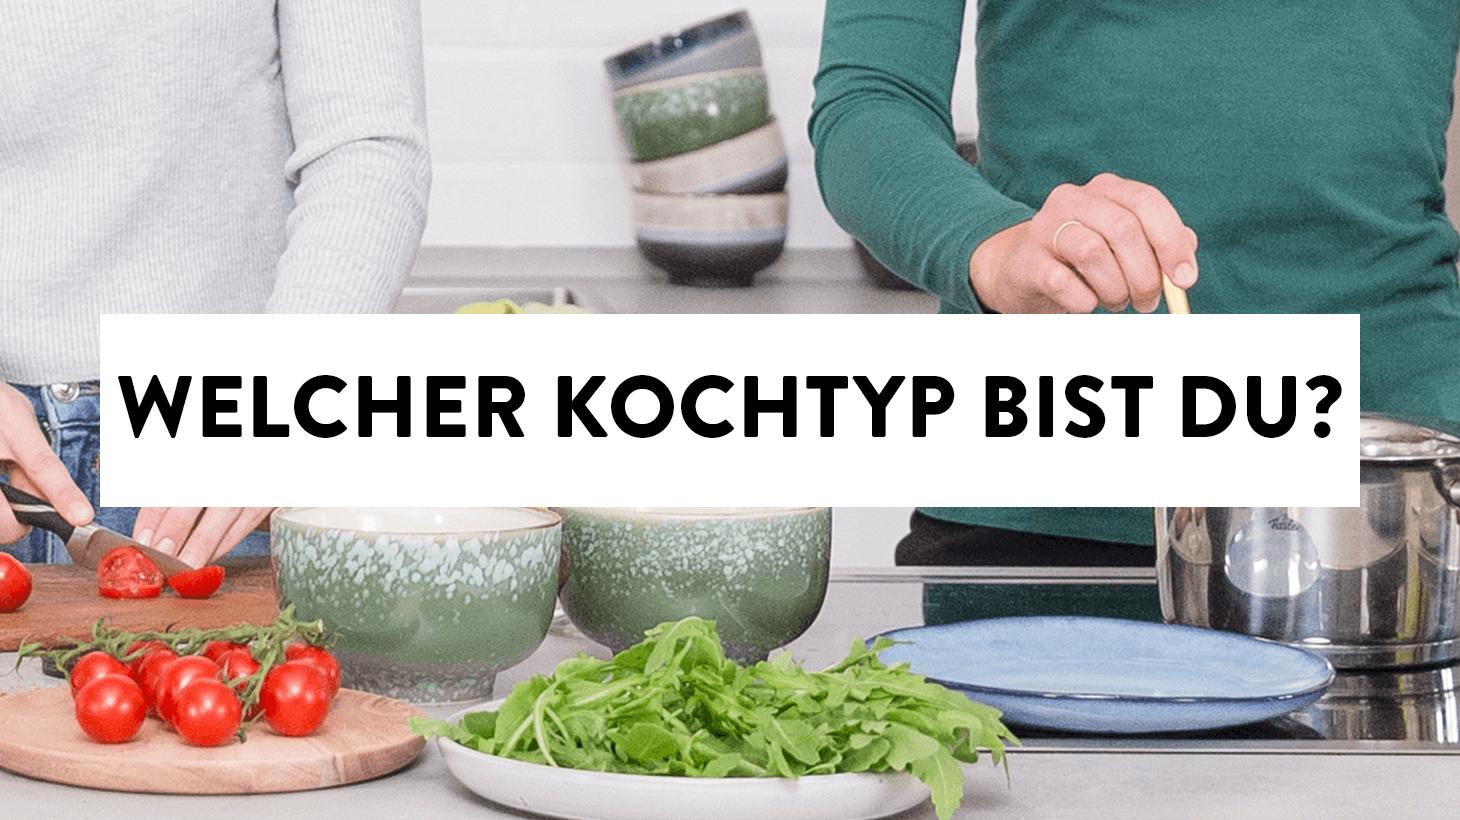 Welcher Kochtyp bist Du?